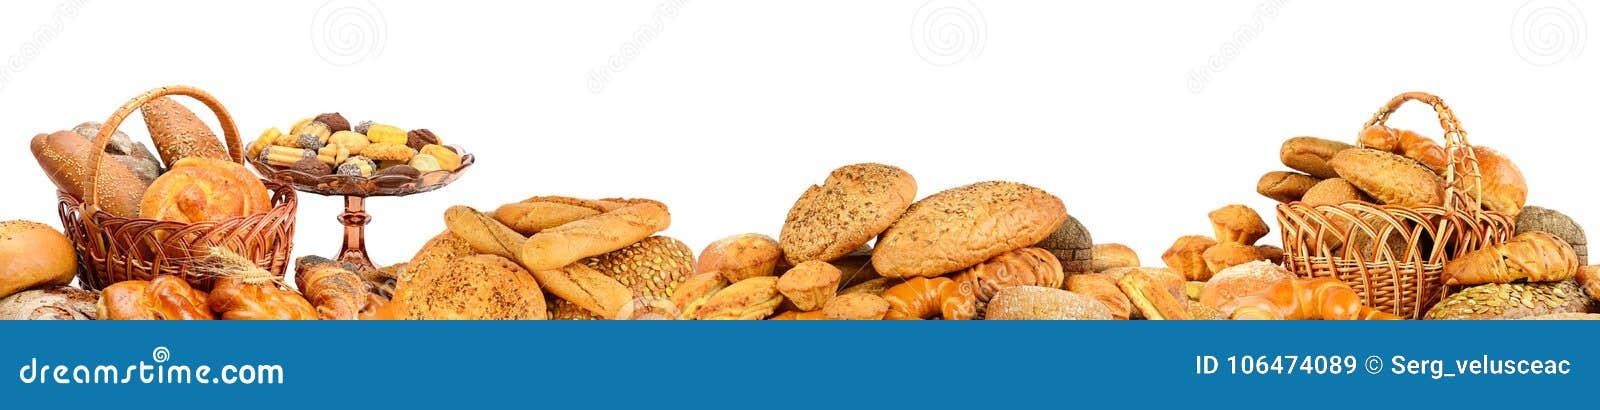 Panorama von den Produkten des frischen Brotes lokalisiert auf Weiß